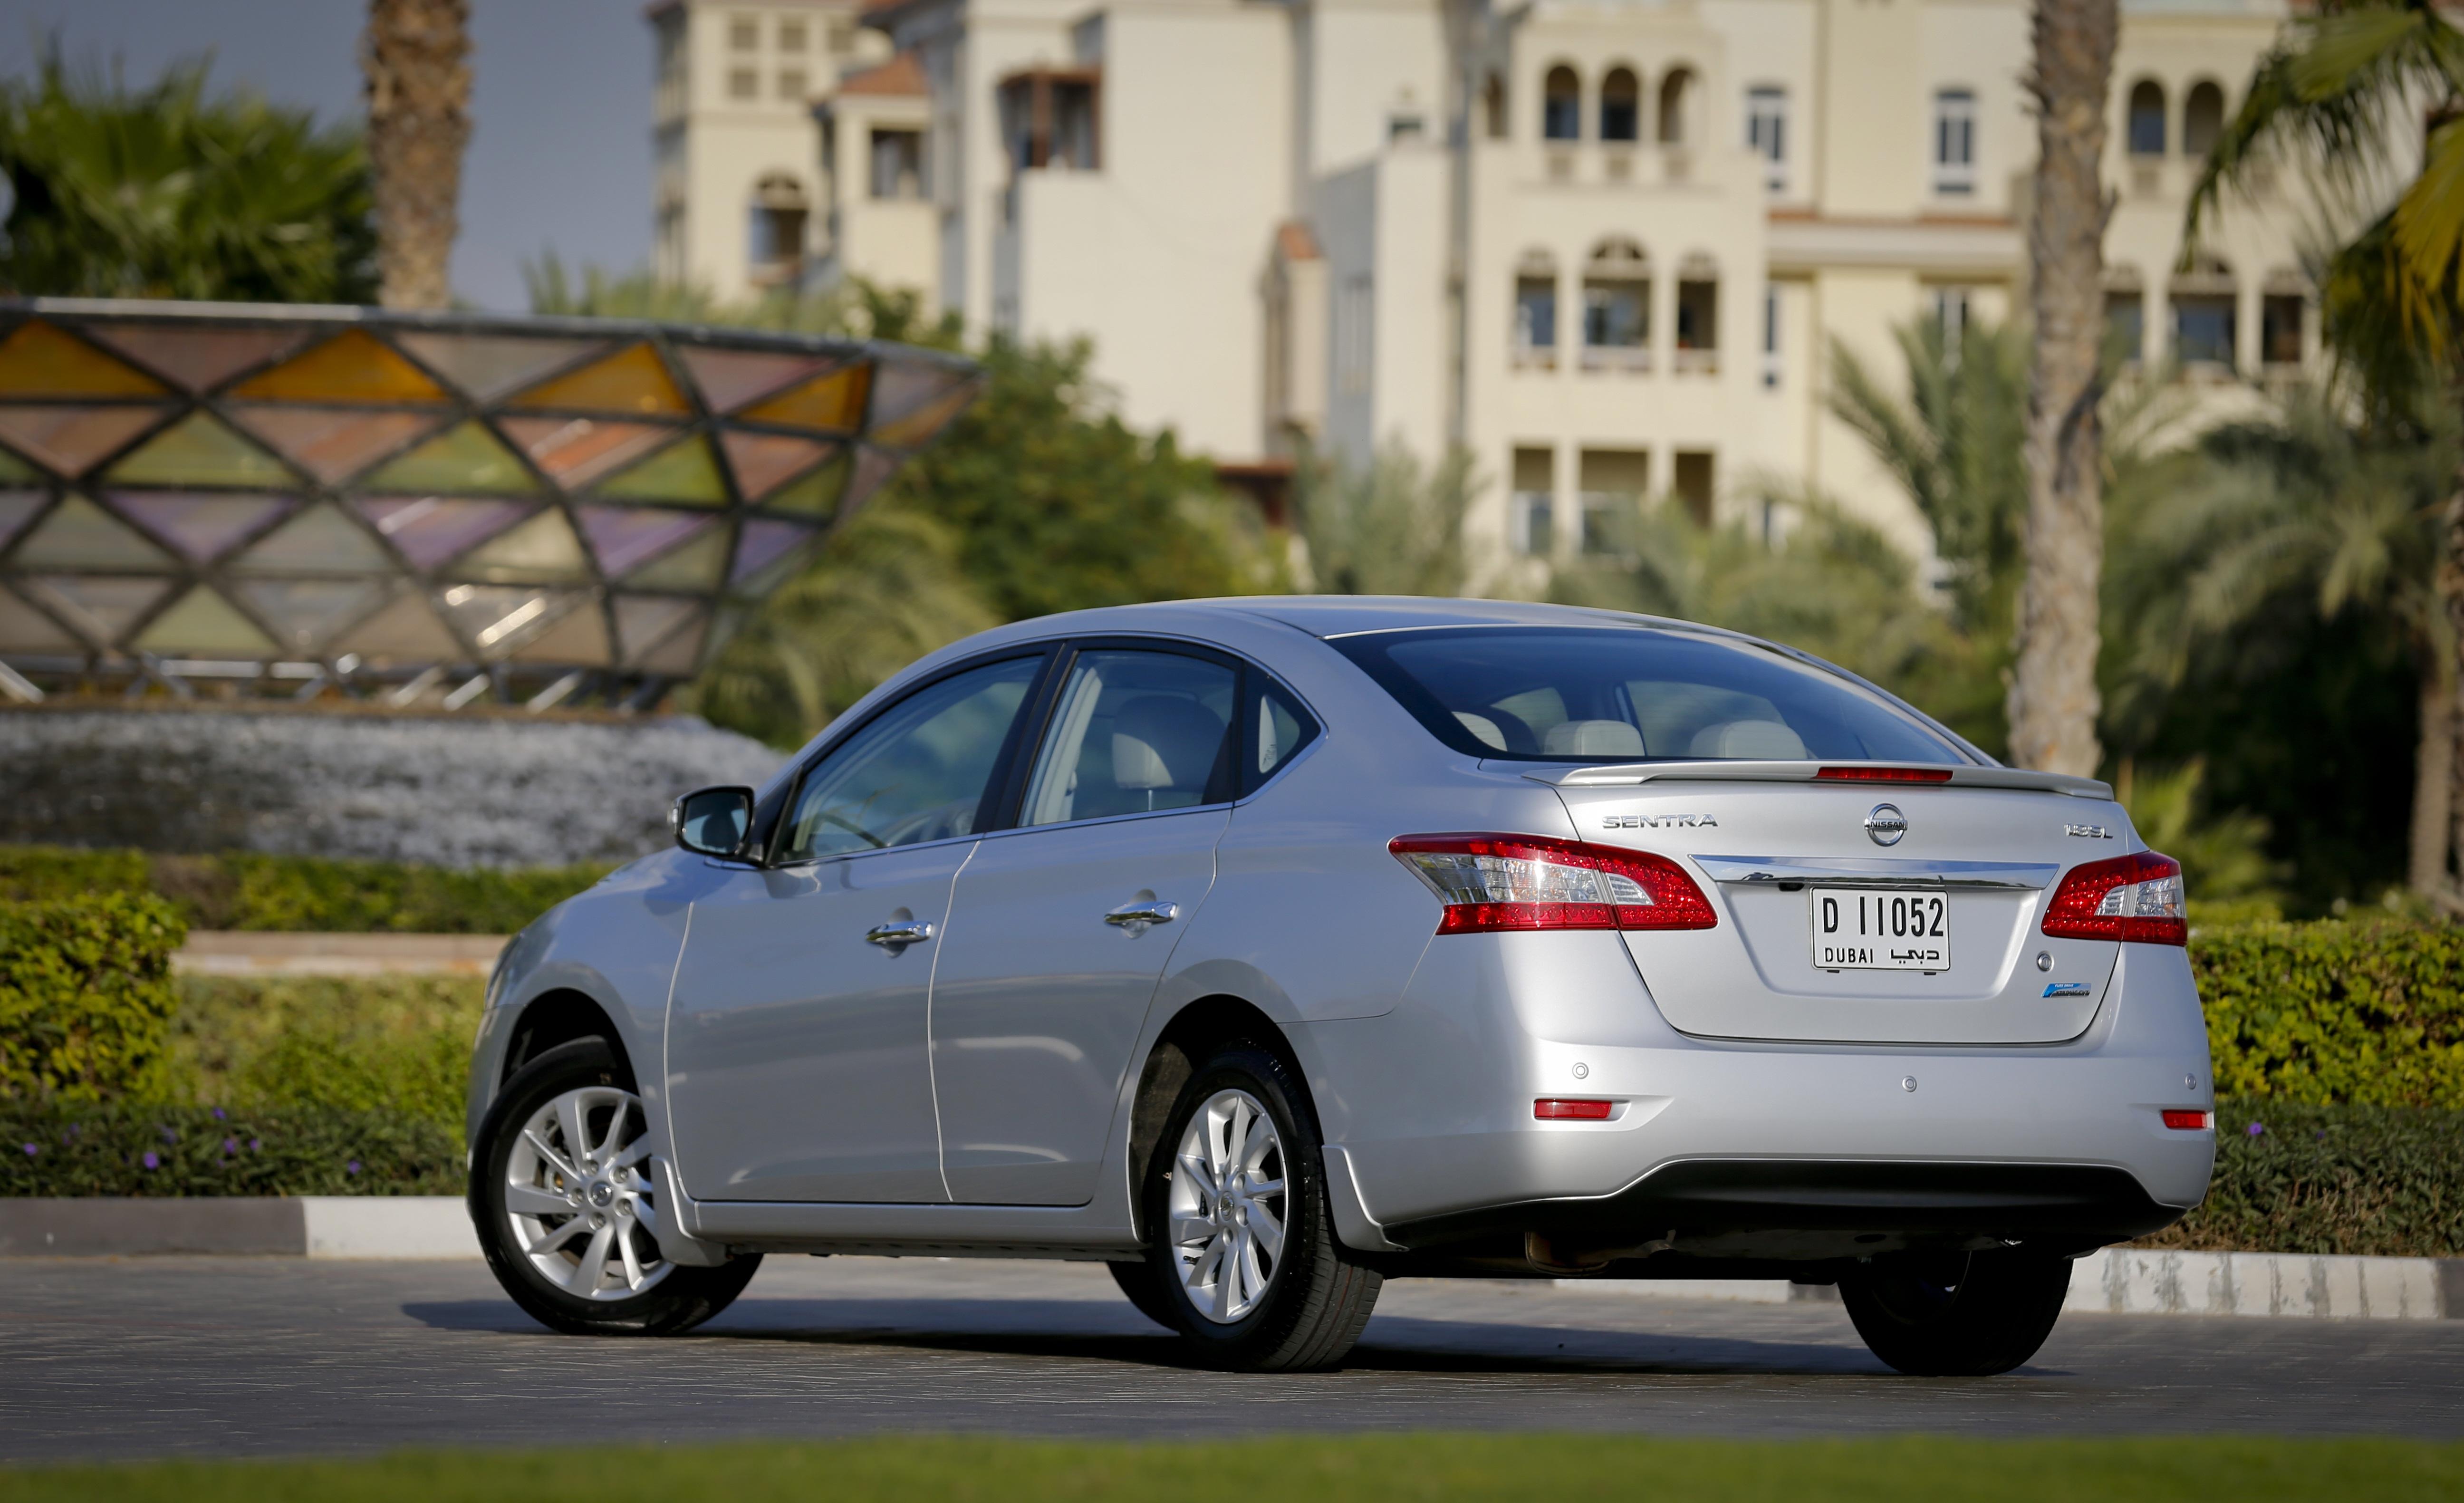 نيسان سنترا 2014 1.6L S, الإمارات